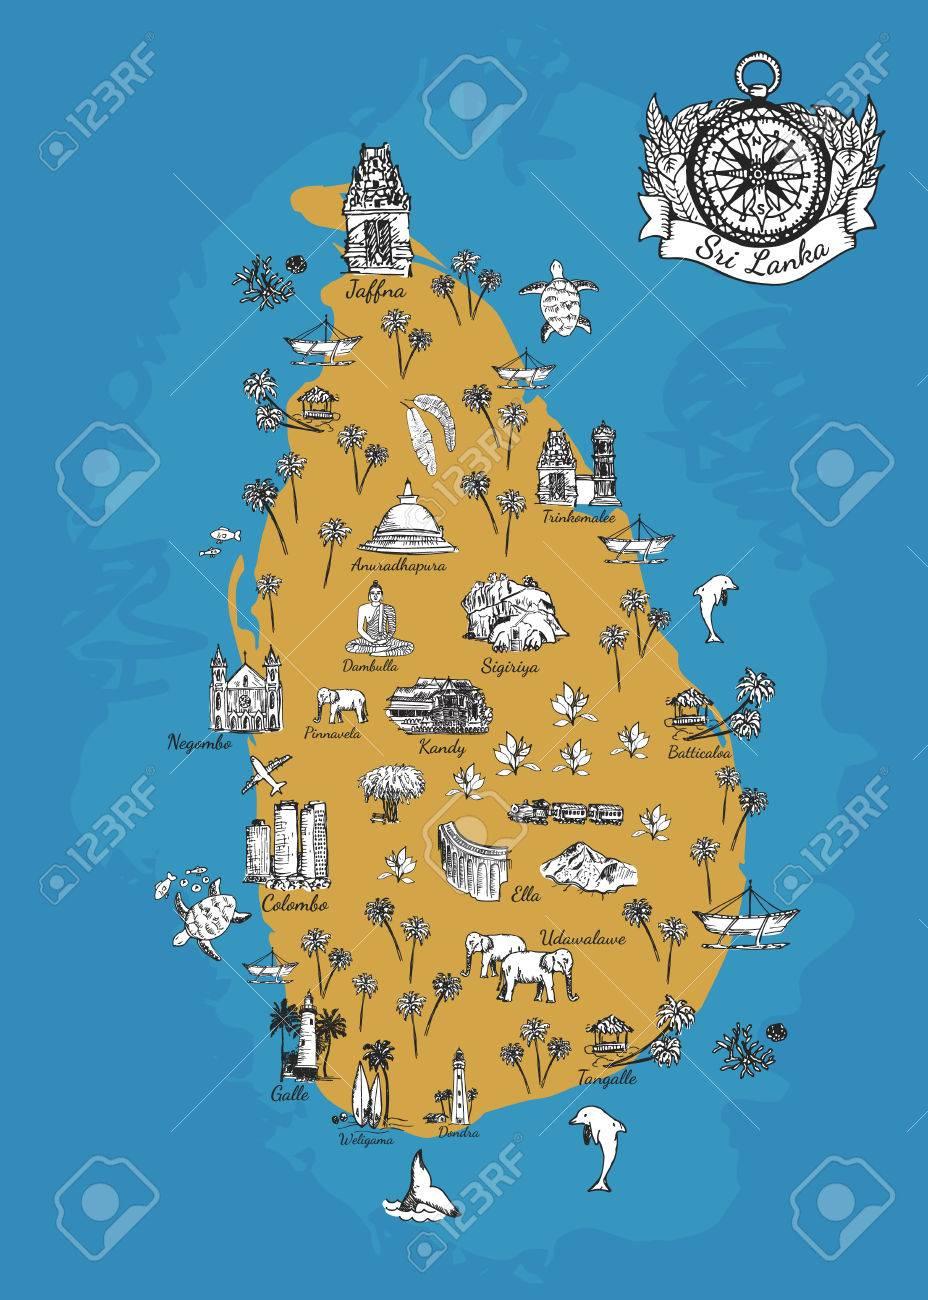 Sri Lanka Karte Zum Drucken.Stock Photo